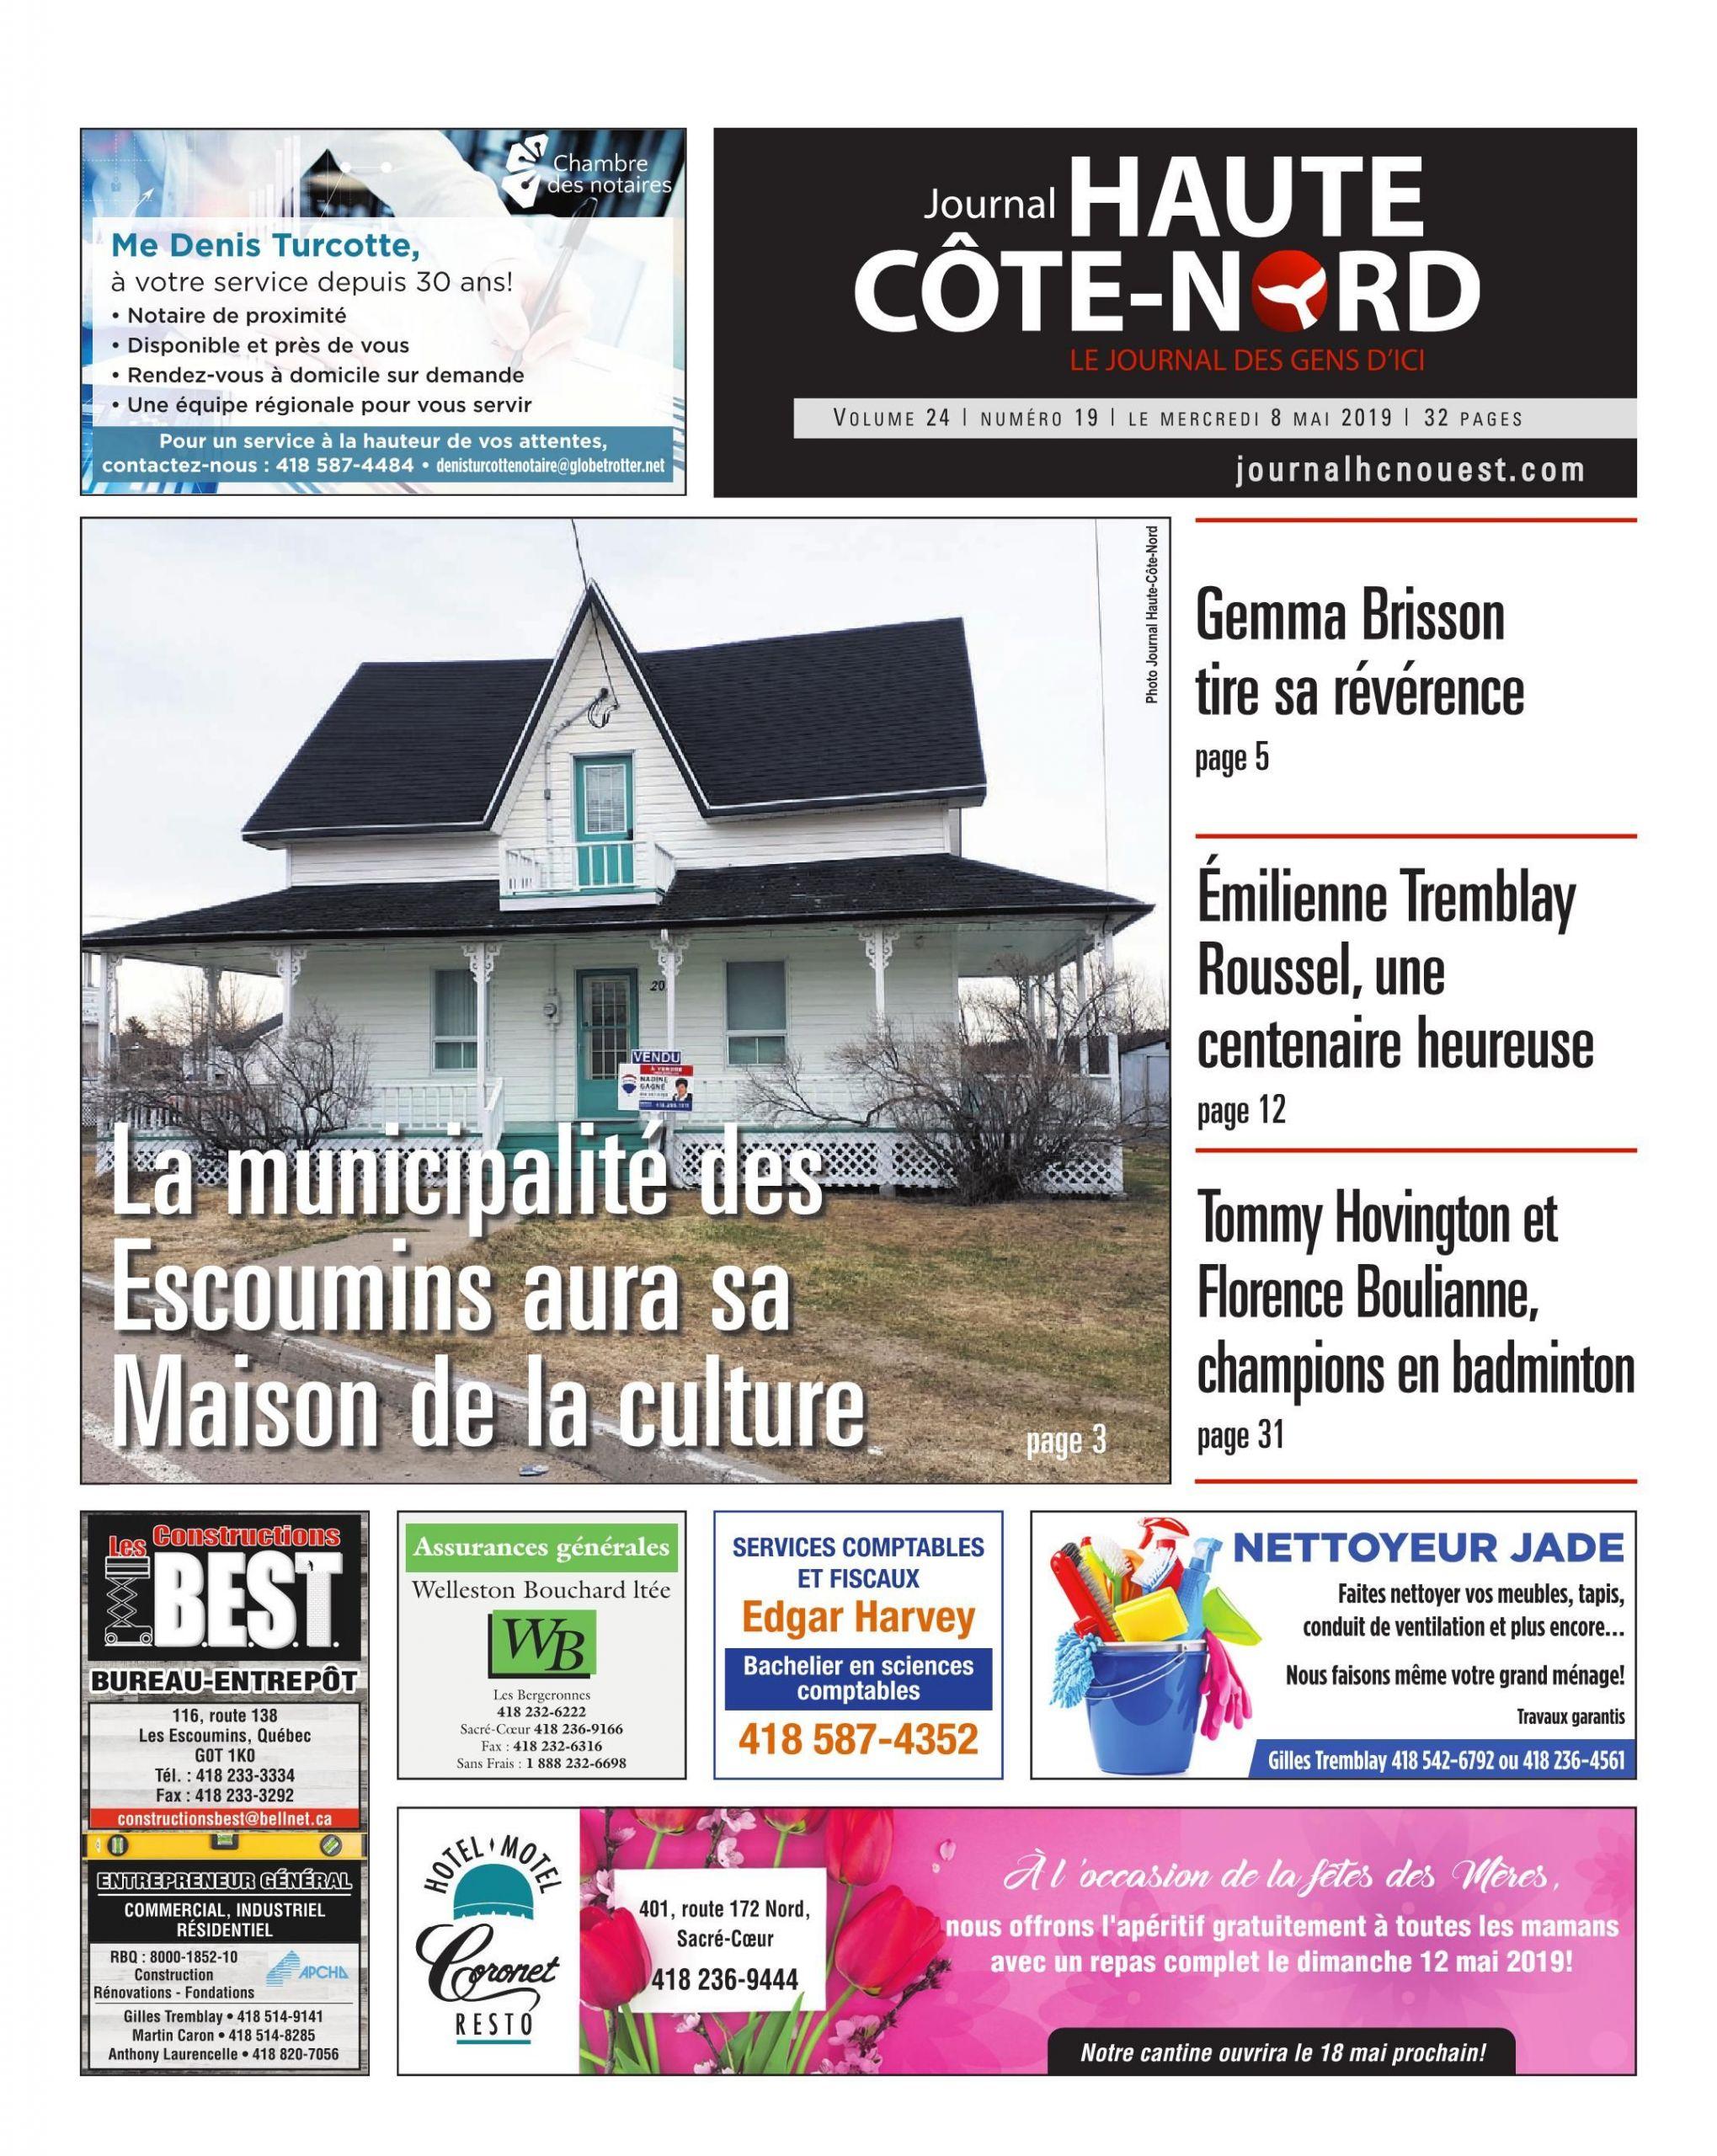 Tarif Entretien Jardin Auto Entrepreneur Frais Le Haute C´te nord 8 Mai 2019 Pages 1 32 Text Version Of 72 Unique Tarif Entretien Jardin Auto Entrepreneur